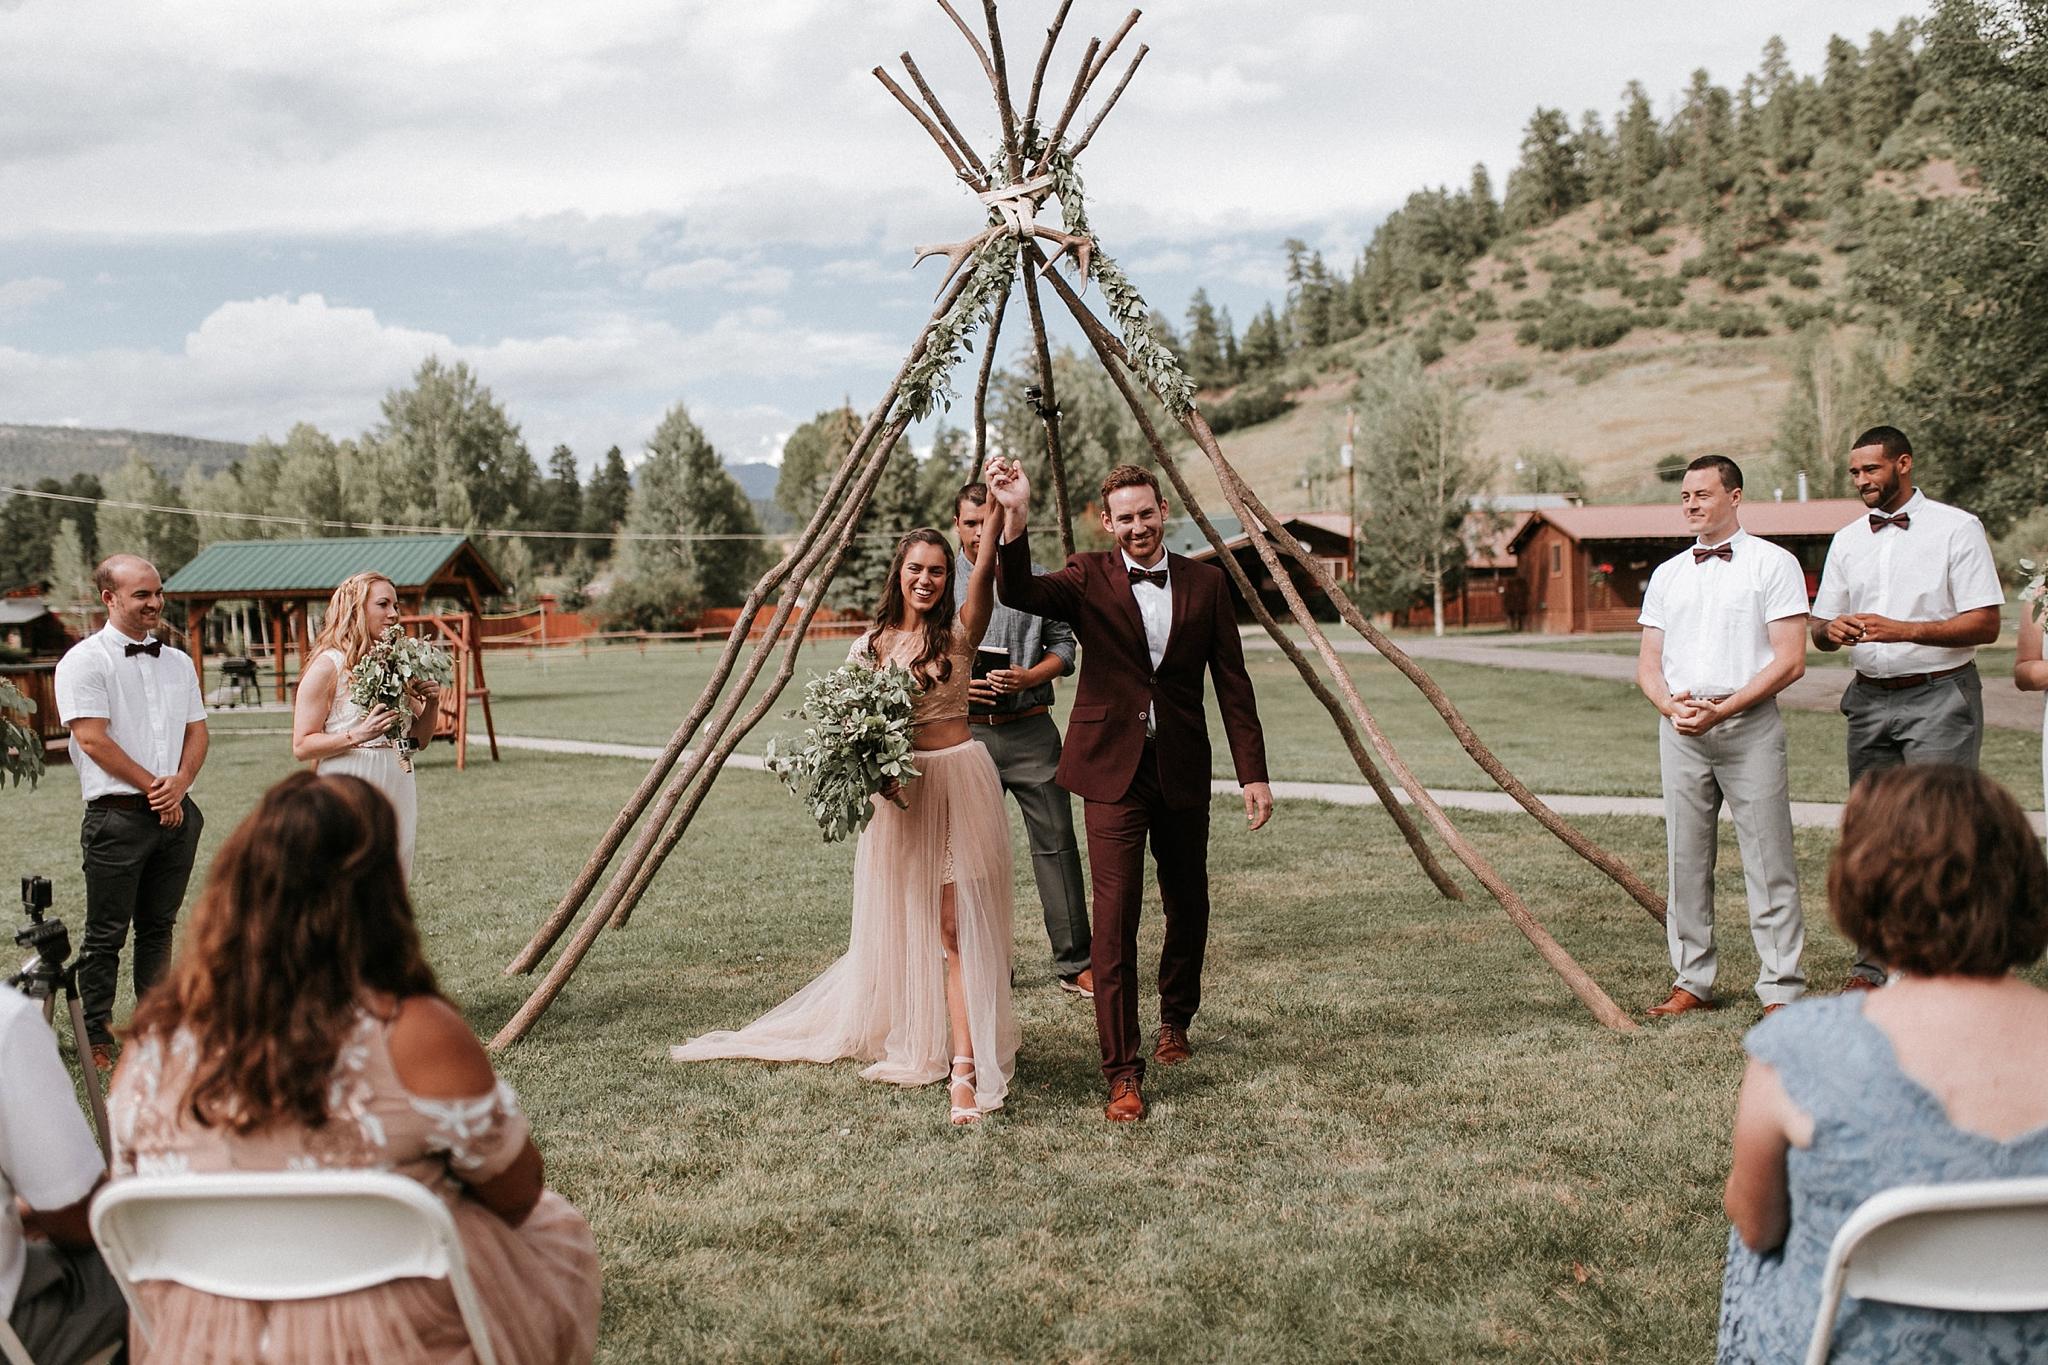 Alicia+lucia+photography+-+albuquerque+wedding+photographer+-+santa+fe+wedding+photography+-+new+mexico+wedding+photographer+-+wedding+ceremony+-+wedding+alter+-+floral+alter_0041.jpg